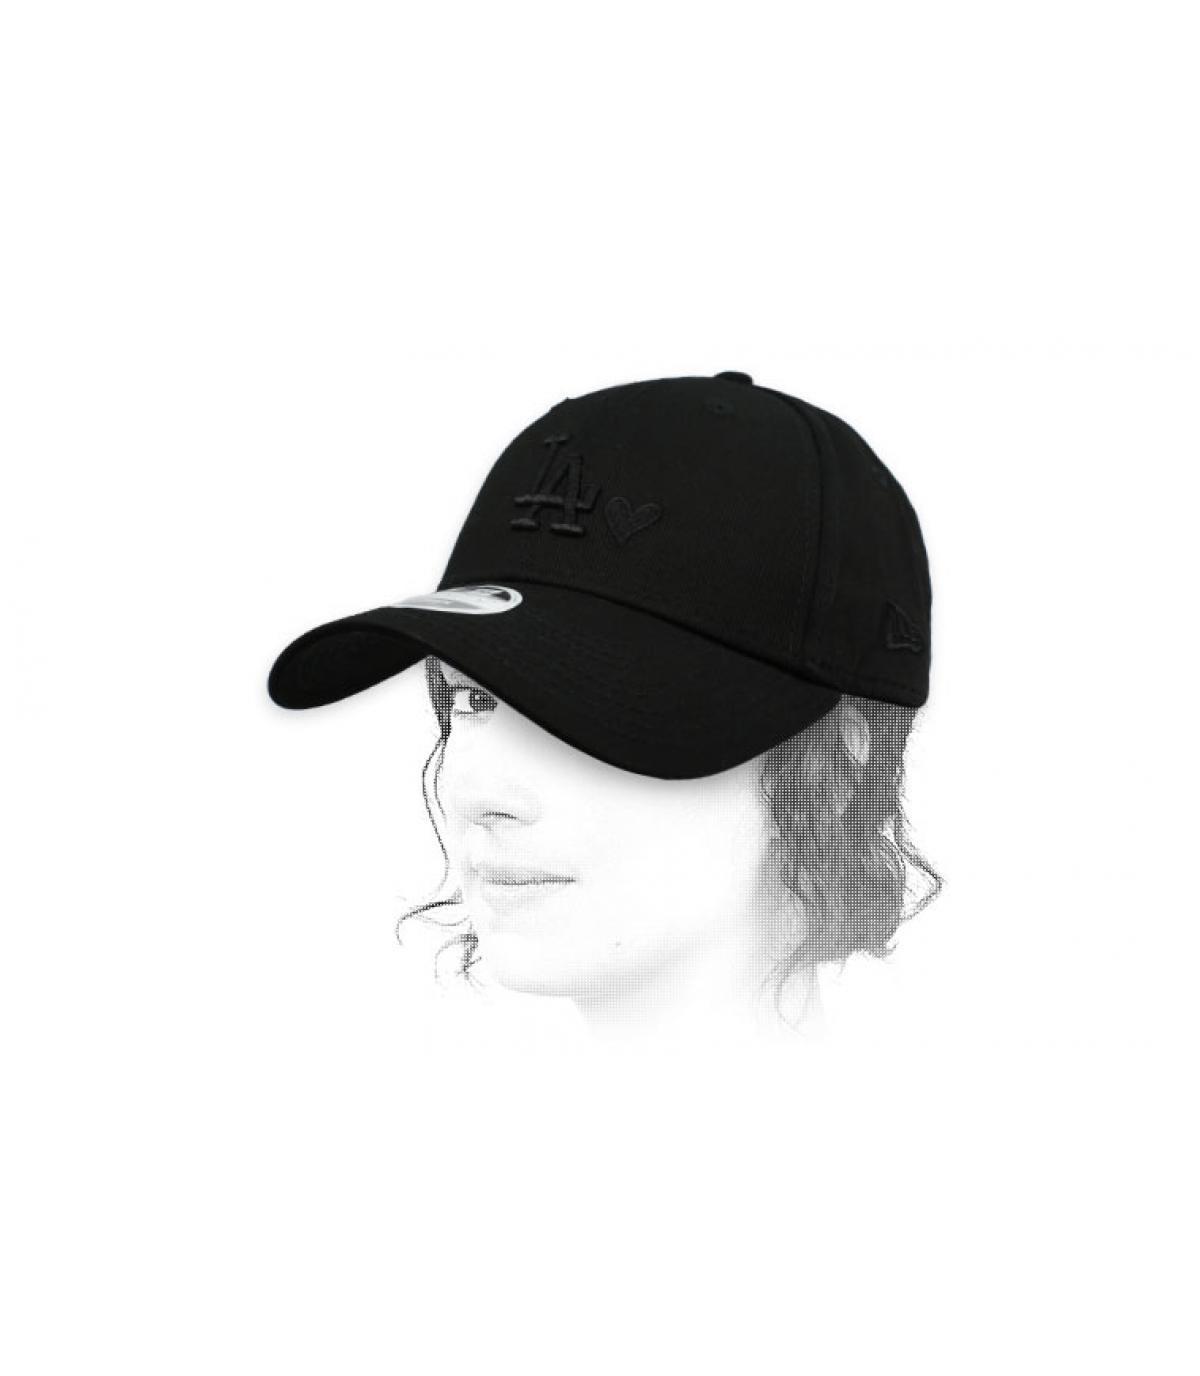 gorra mujer LA corazón negro